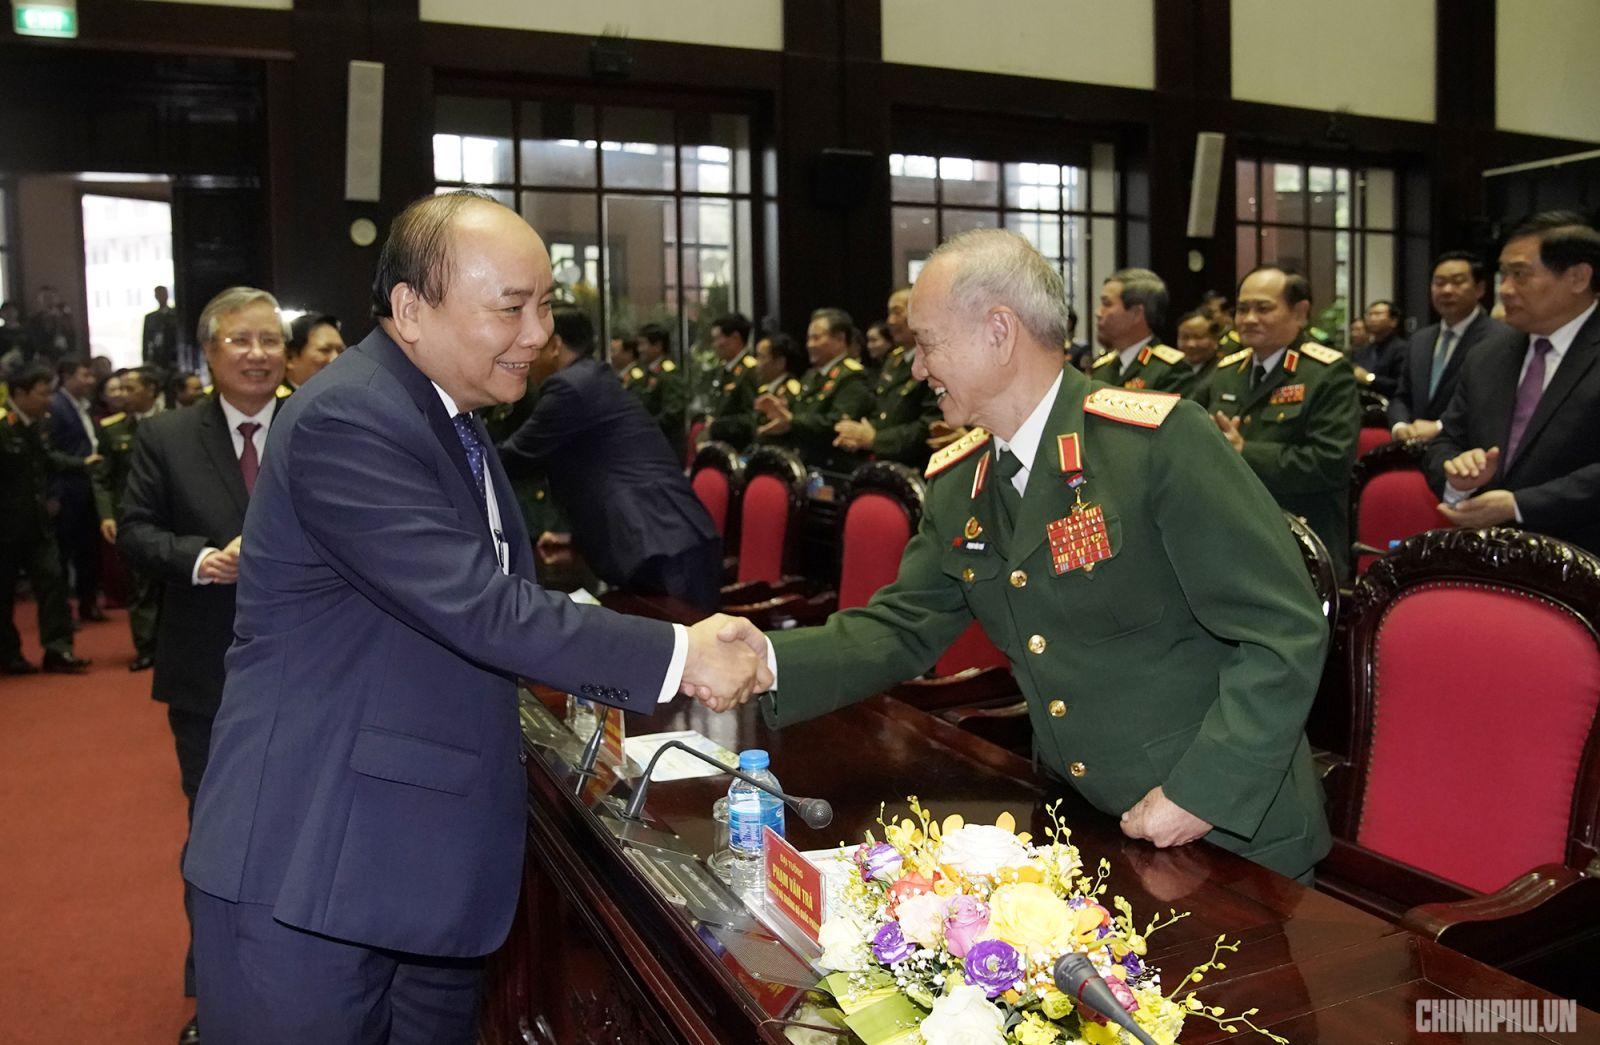 Thủ tướng cùng các đại biểu dự buổi lễ. Ảnh: VGP/Quang Hiếu